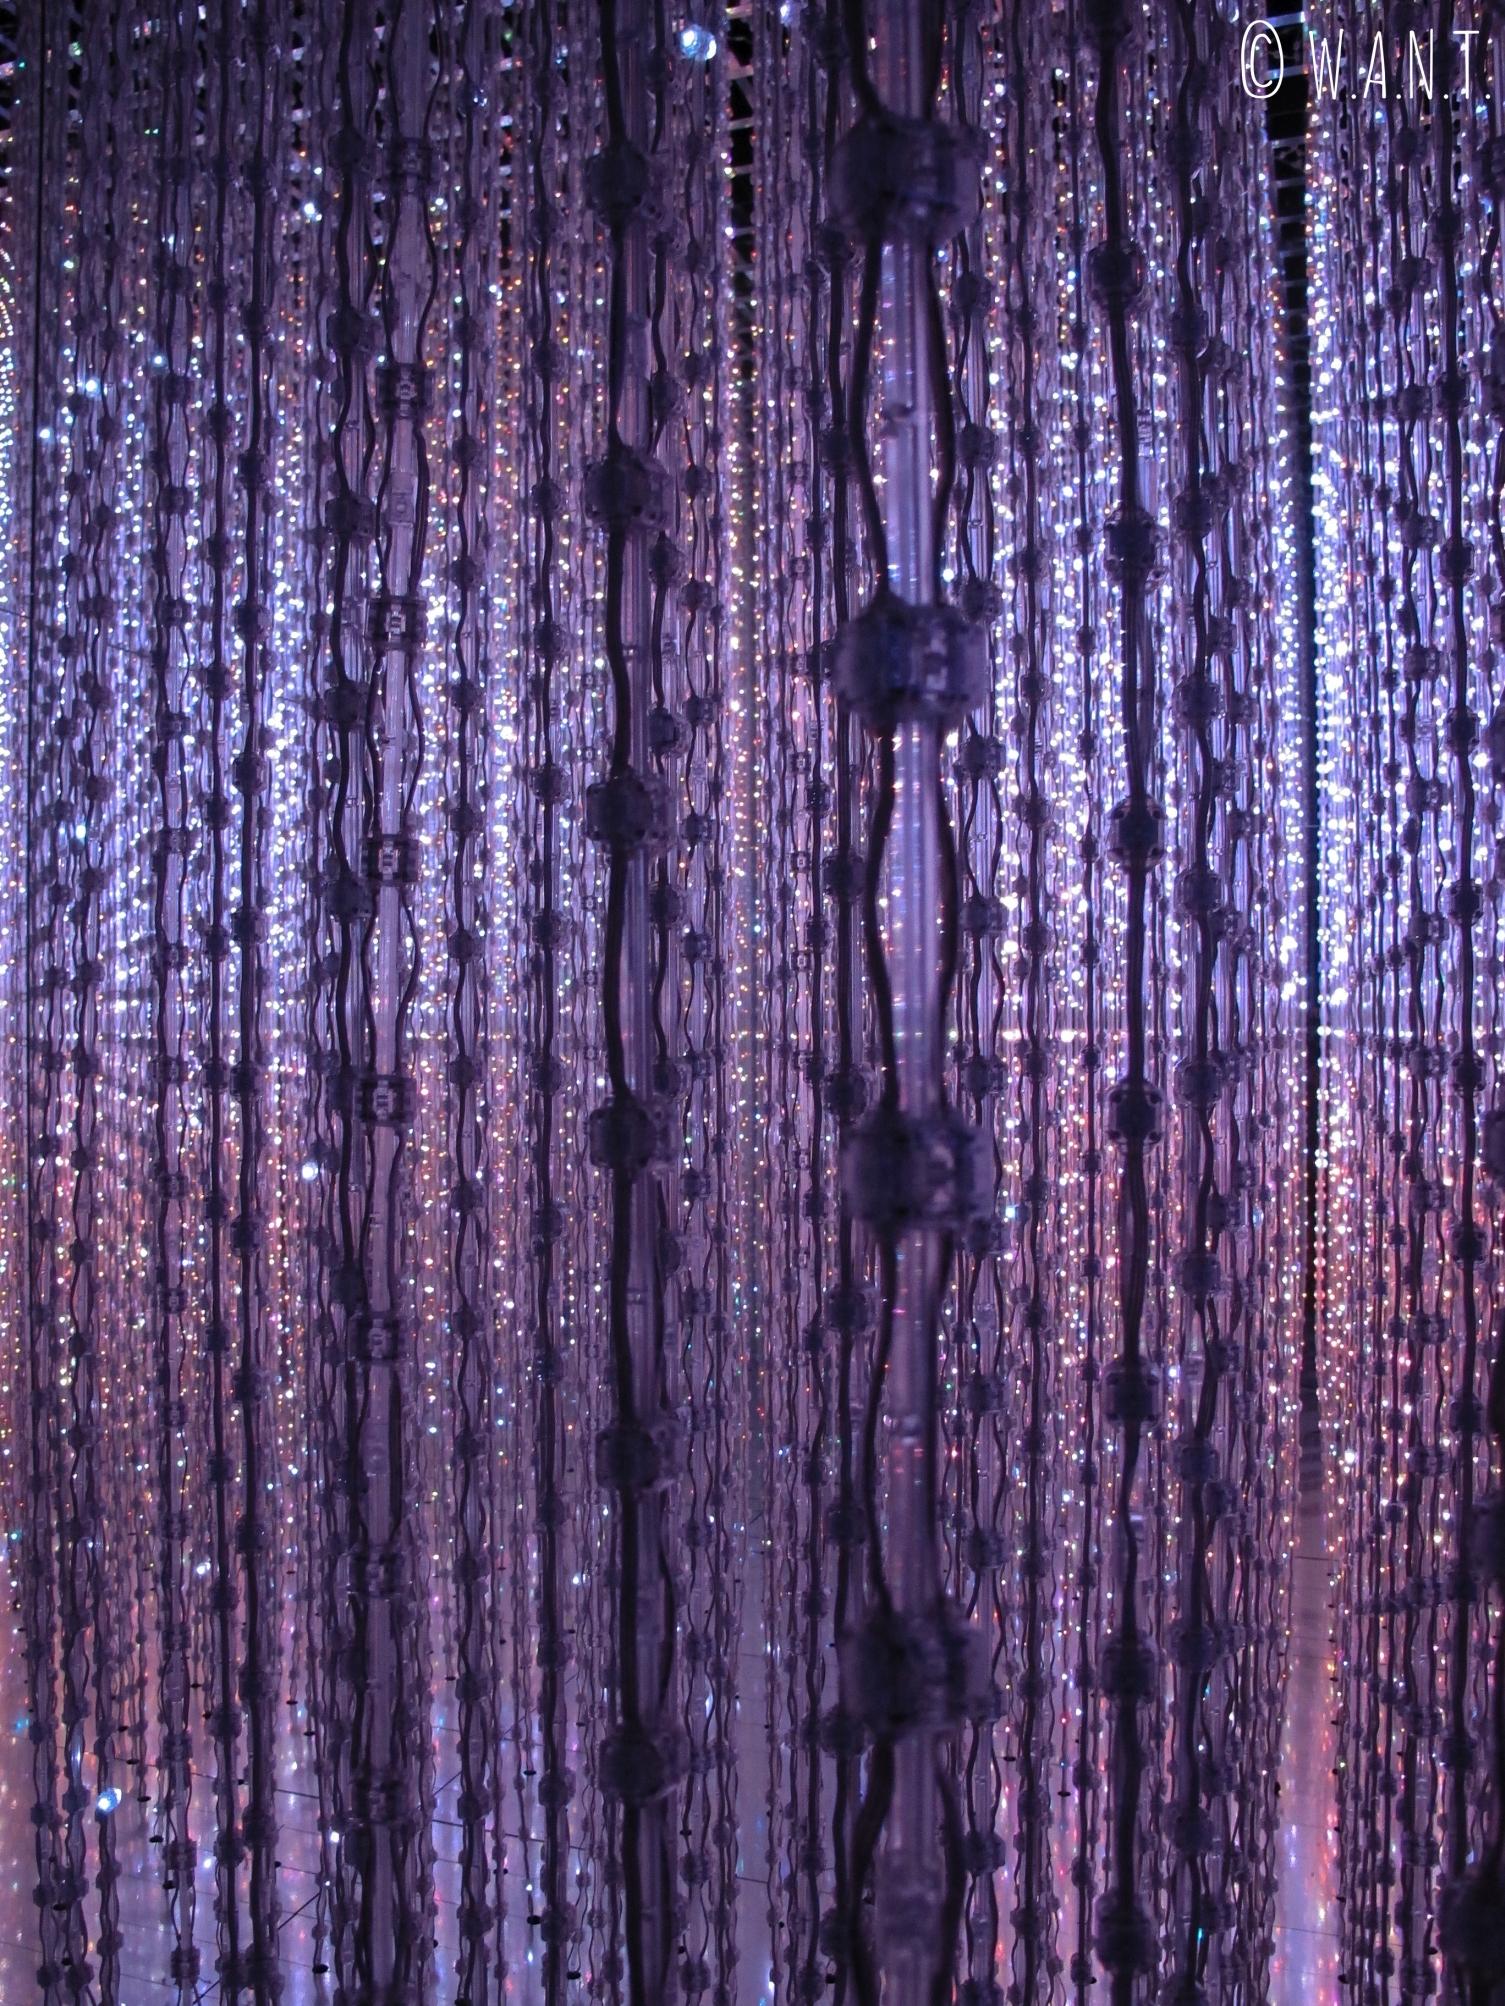 Oeuvre Crystal Universe de l'exposition Future World présentée à l'ArtScience Museum de Singapour